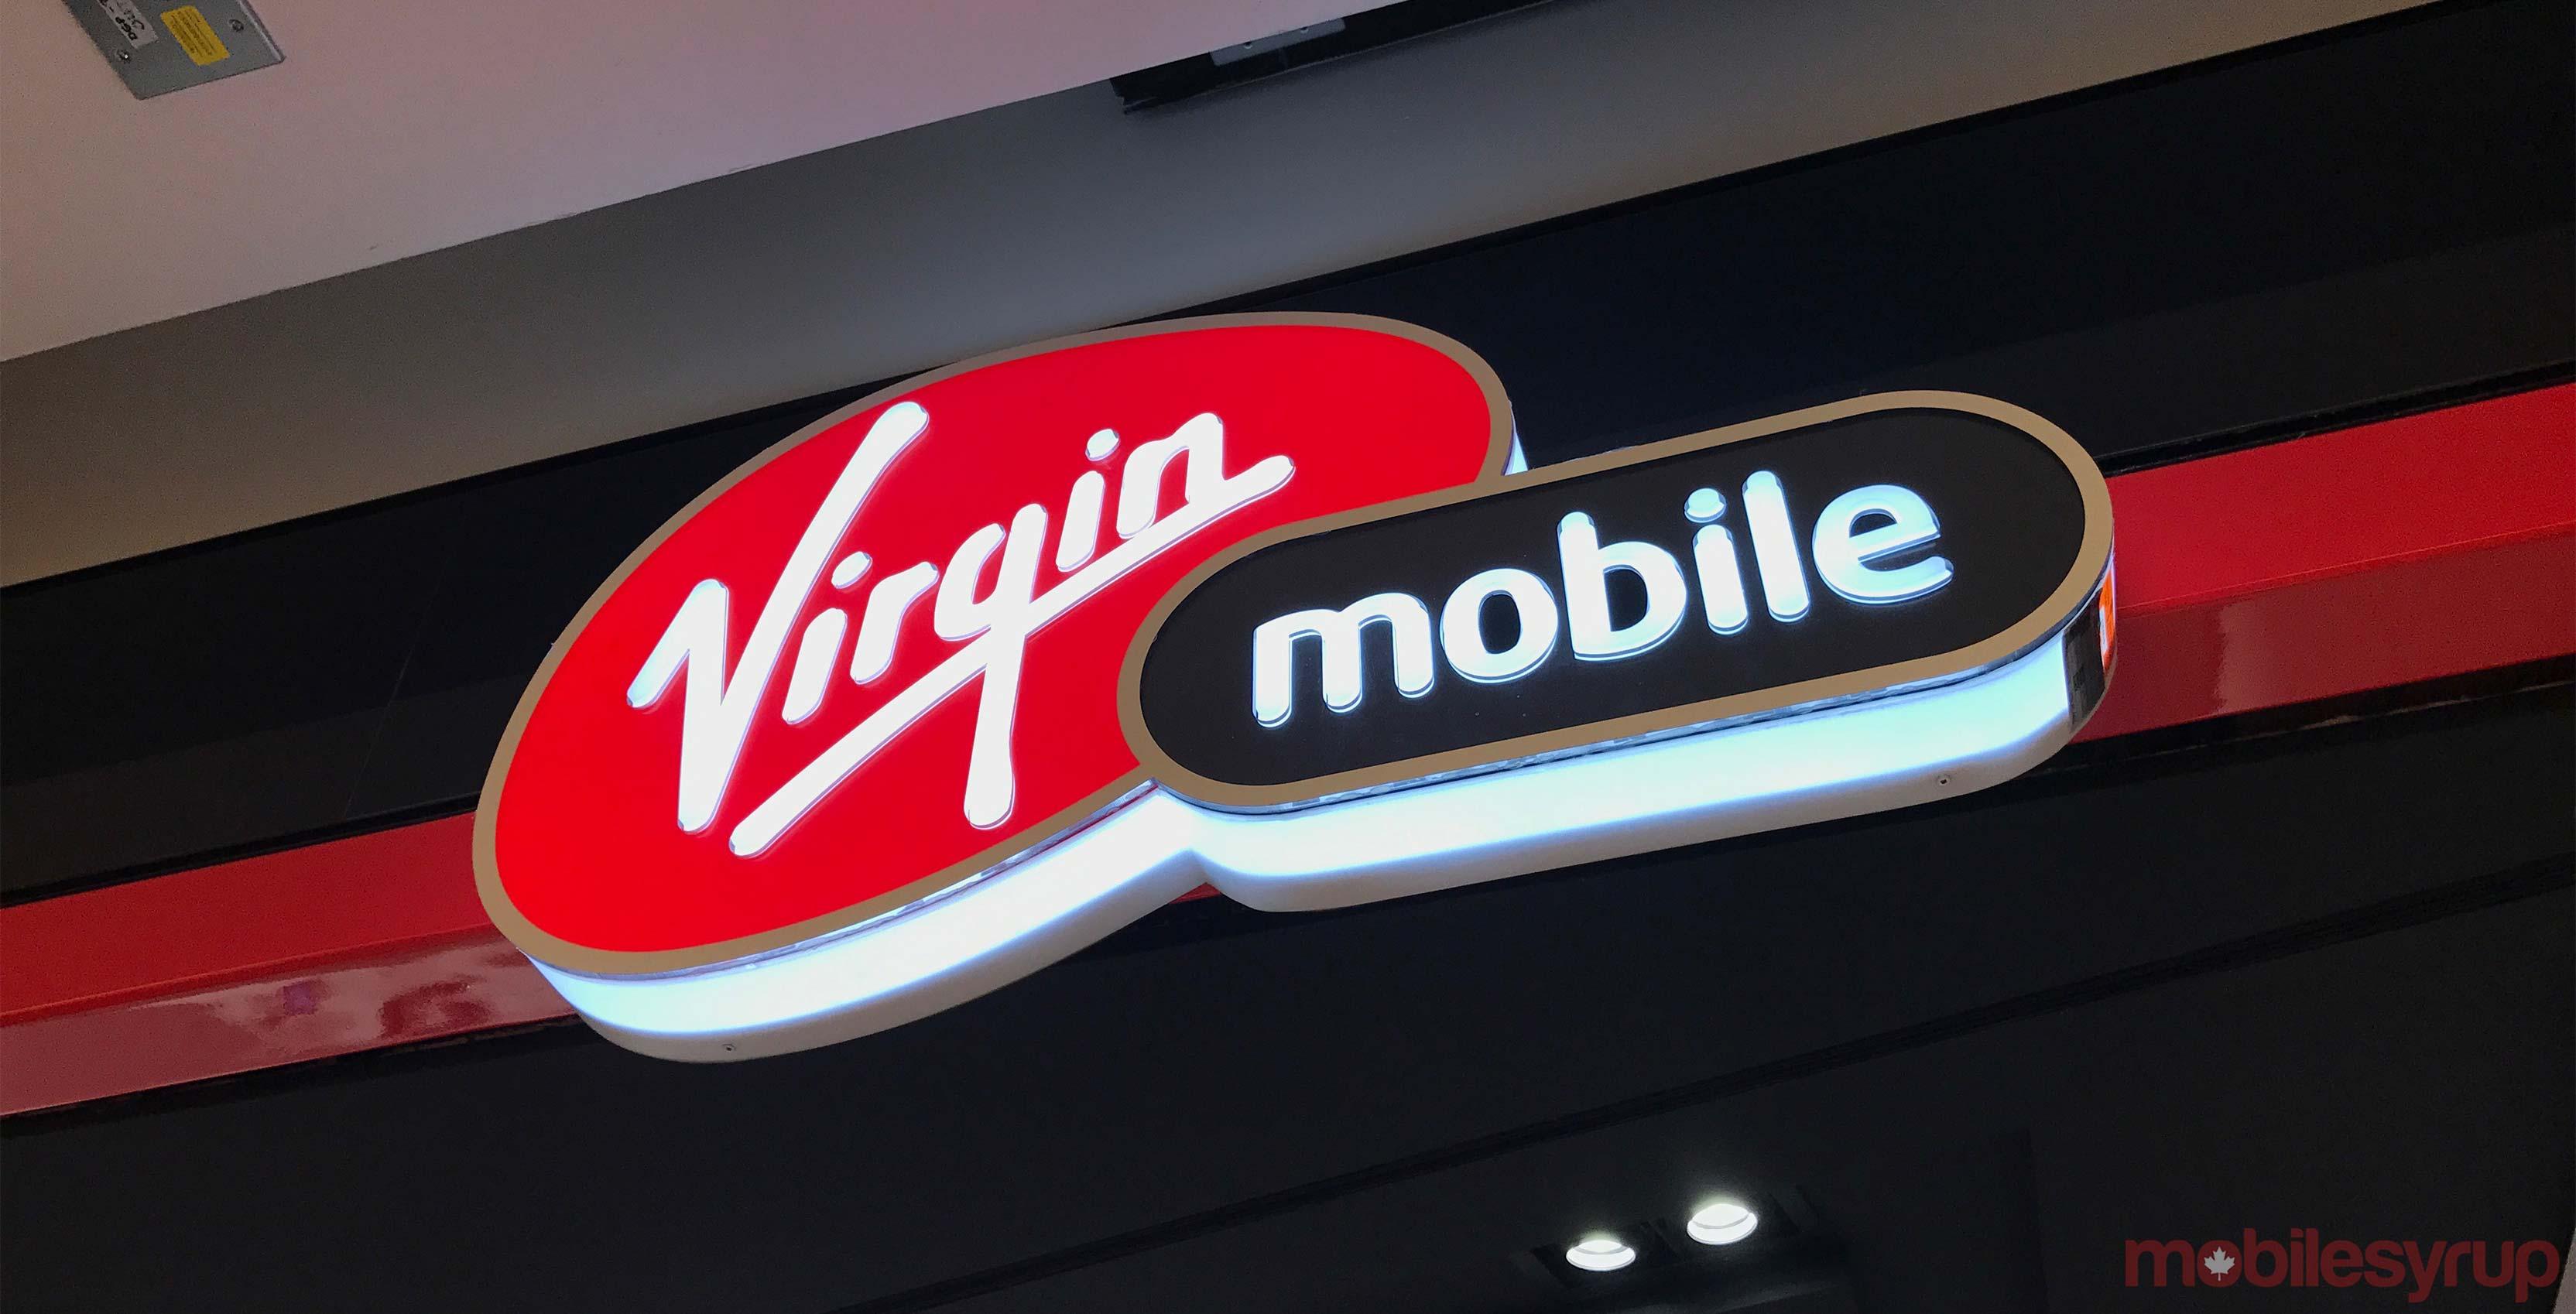 Virgin Mobile kiosk